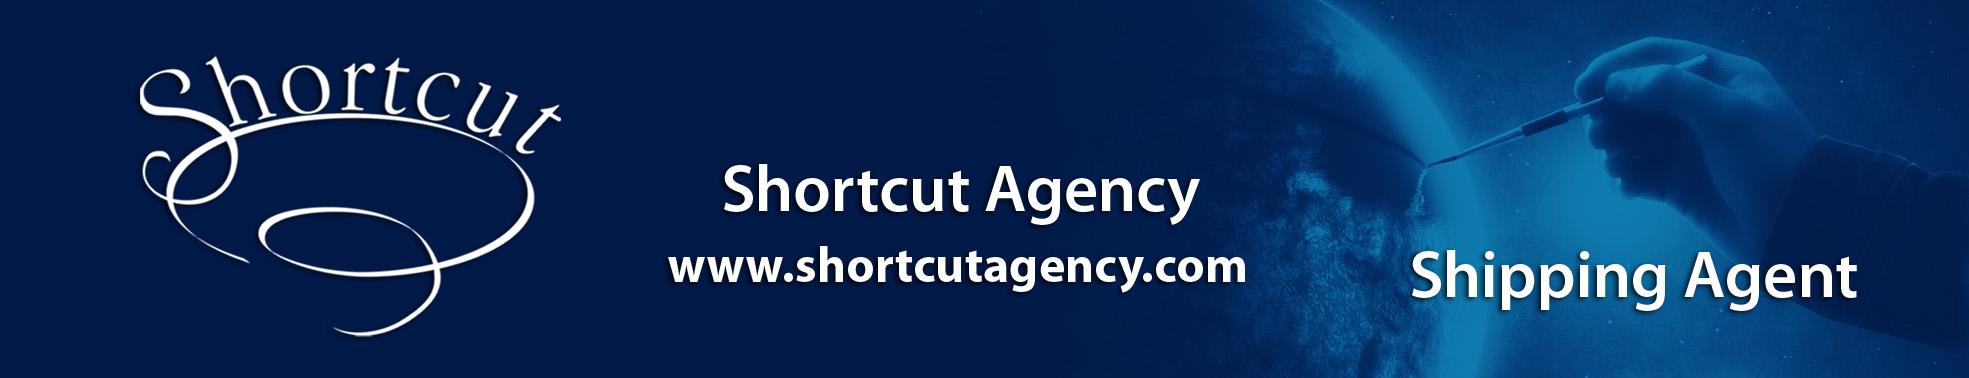 Shortcut Ad  Size 2 (2)ccc